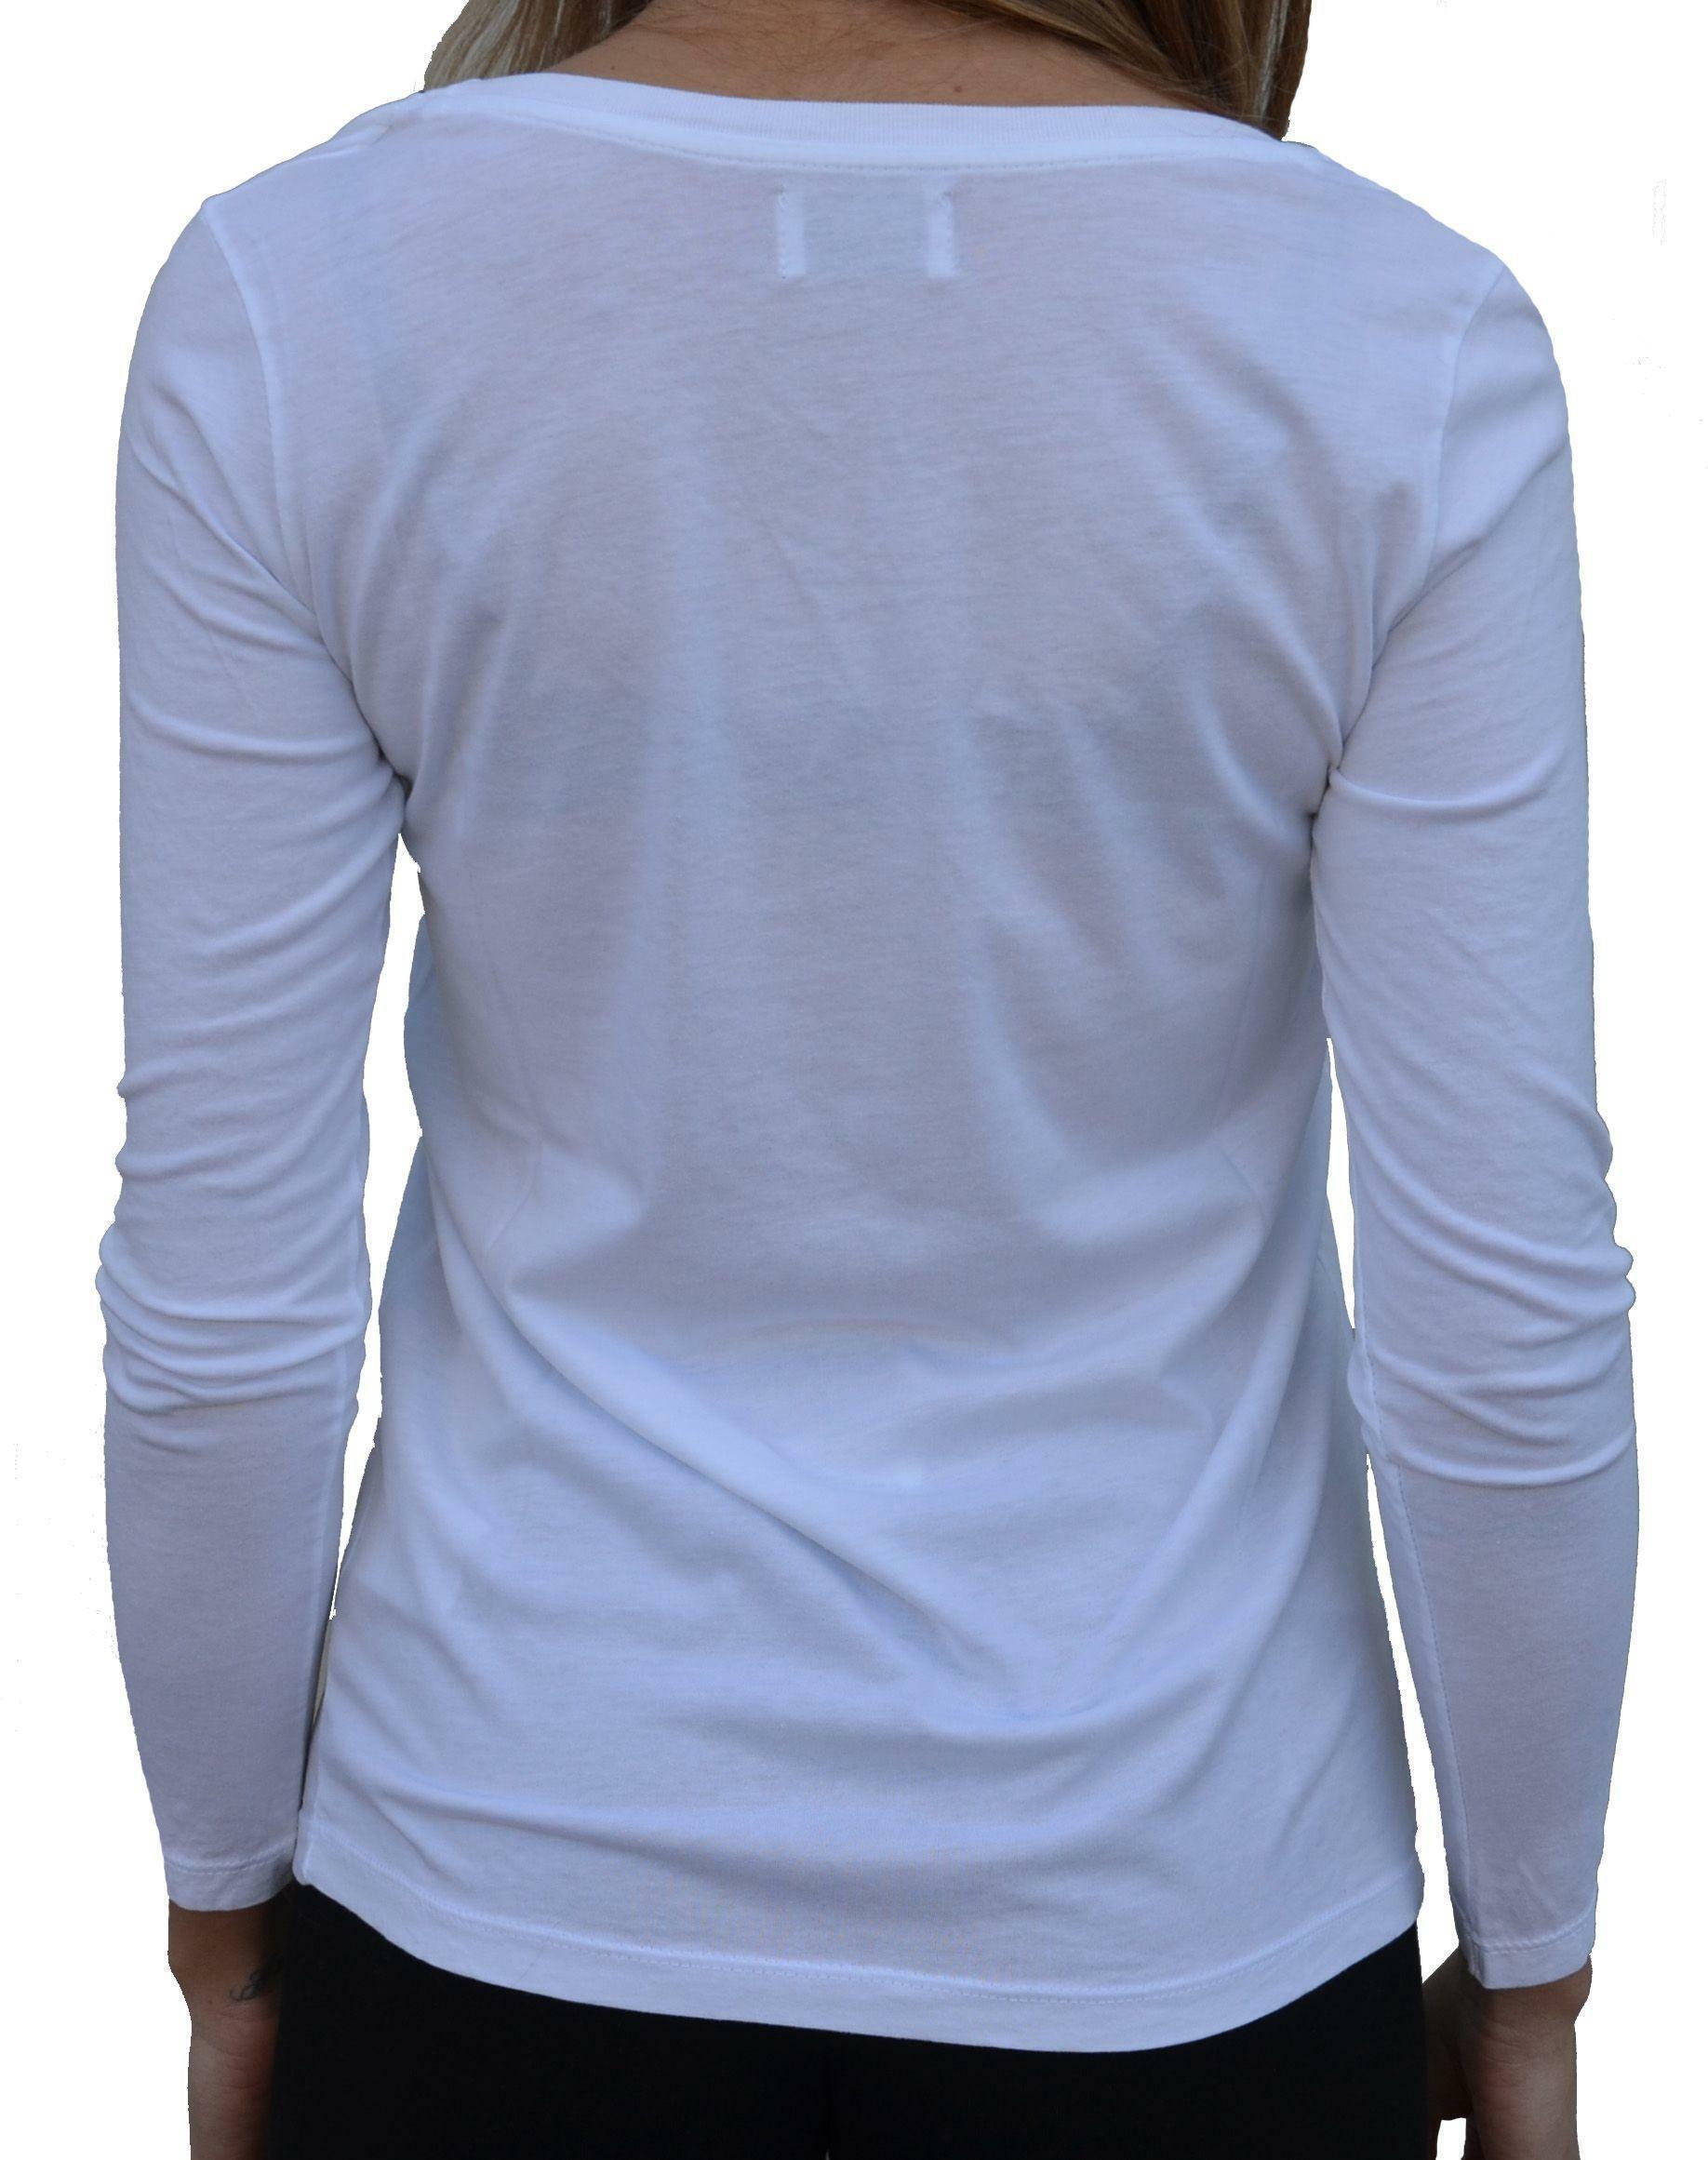 converse converse t-shirt maniche lunghe donna bianca glitter